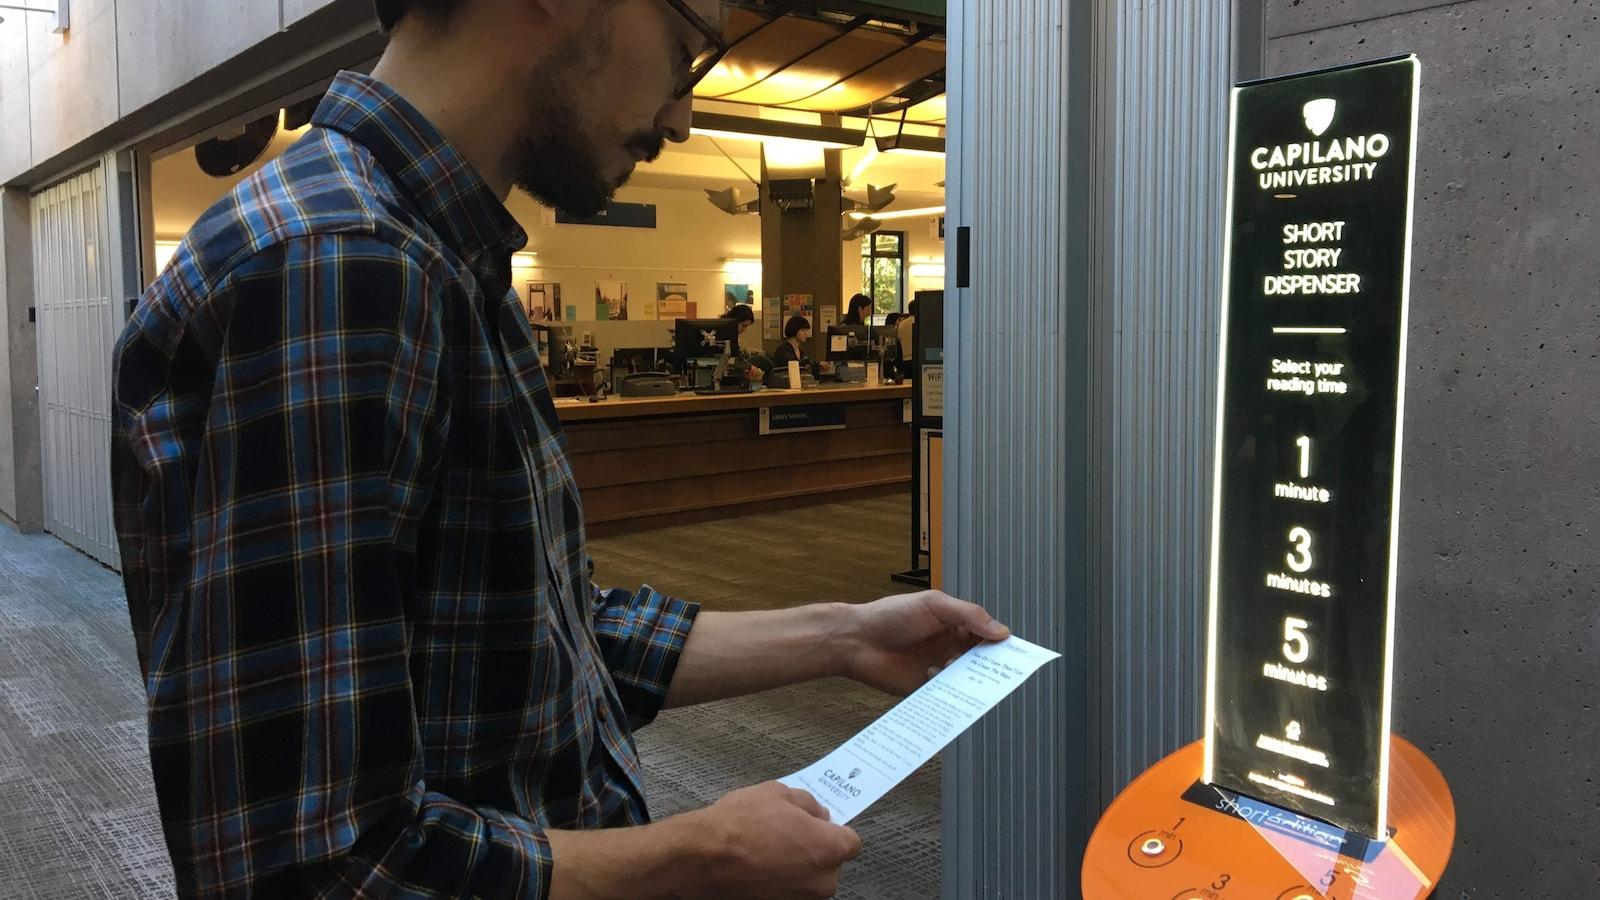 un homme debout qui tient un bout de papier devant une borne